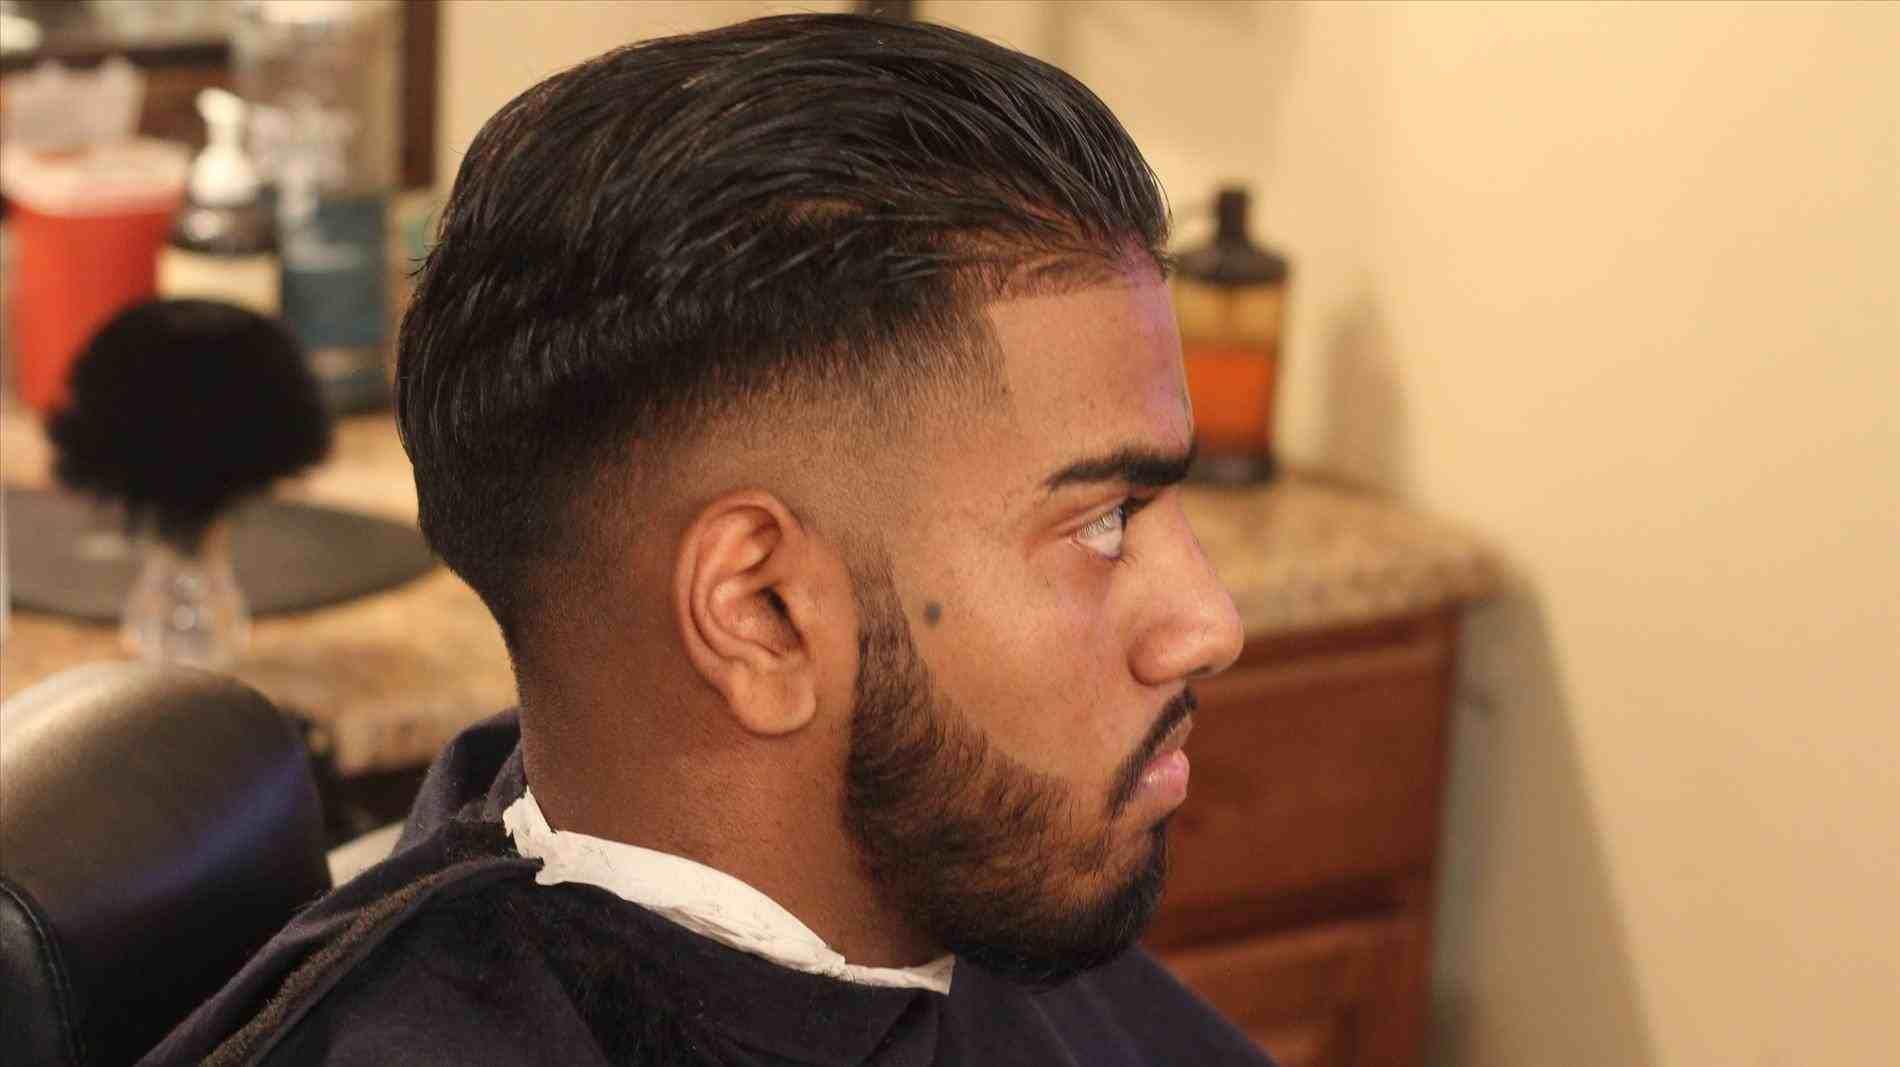 haircut men 2015 undercut indian